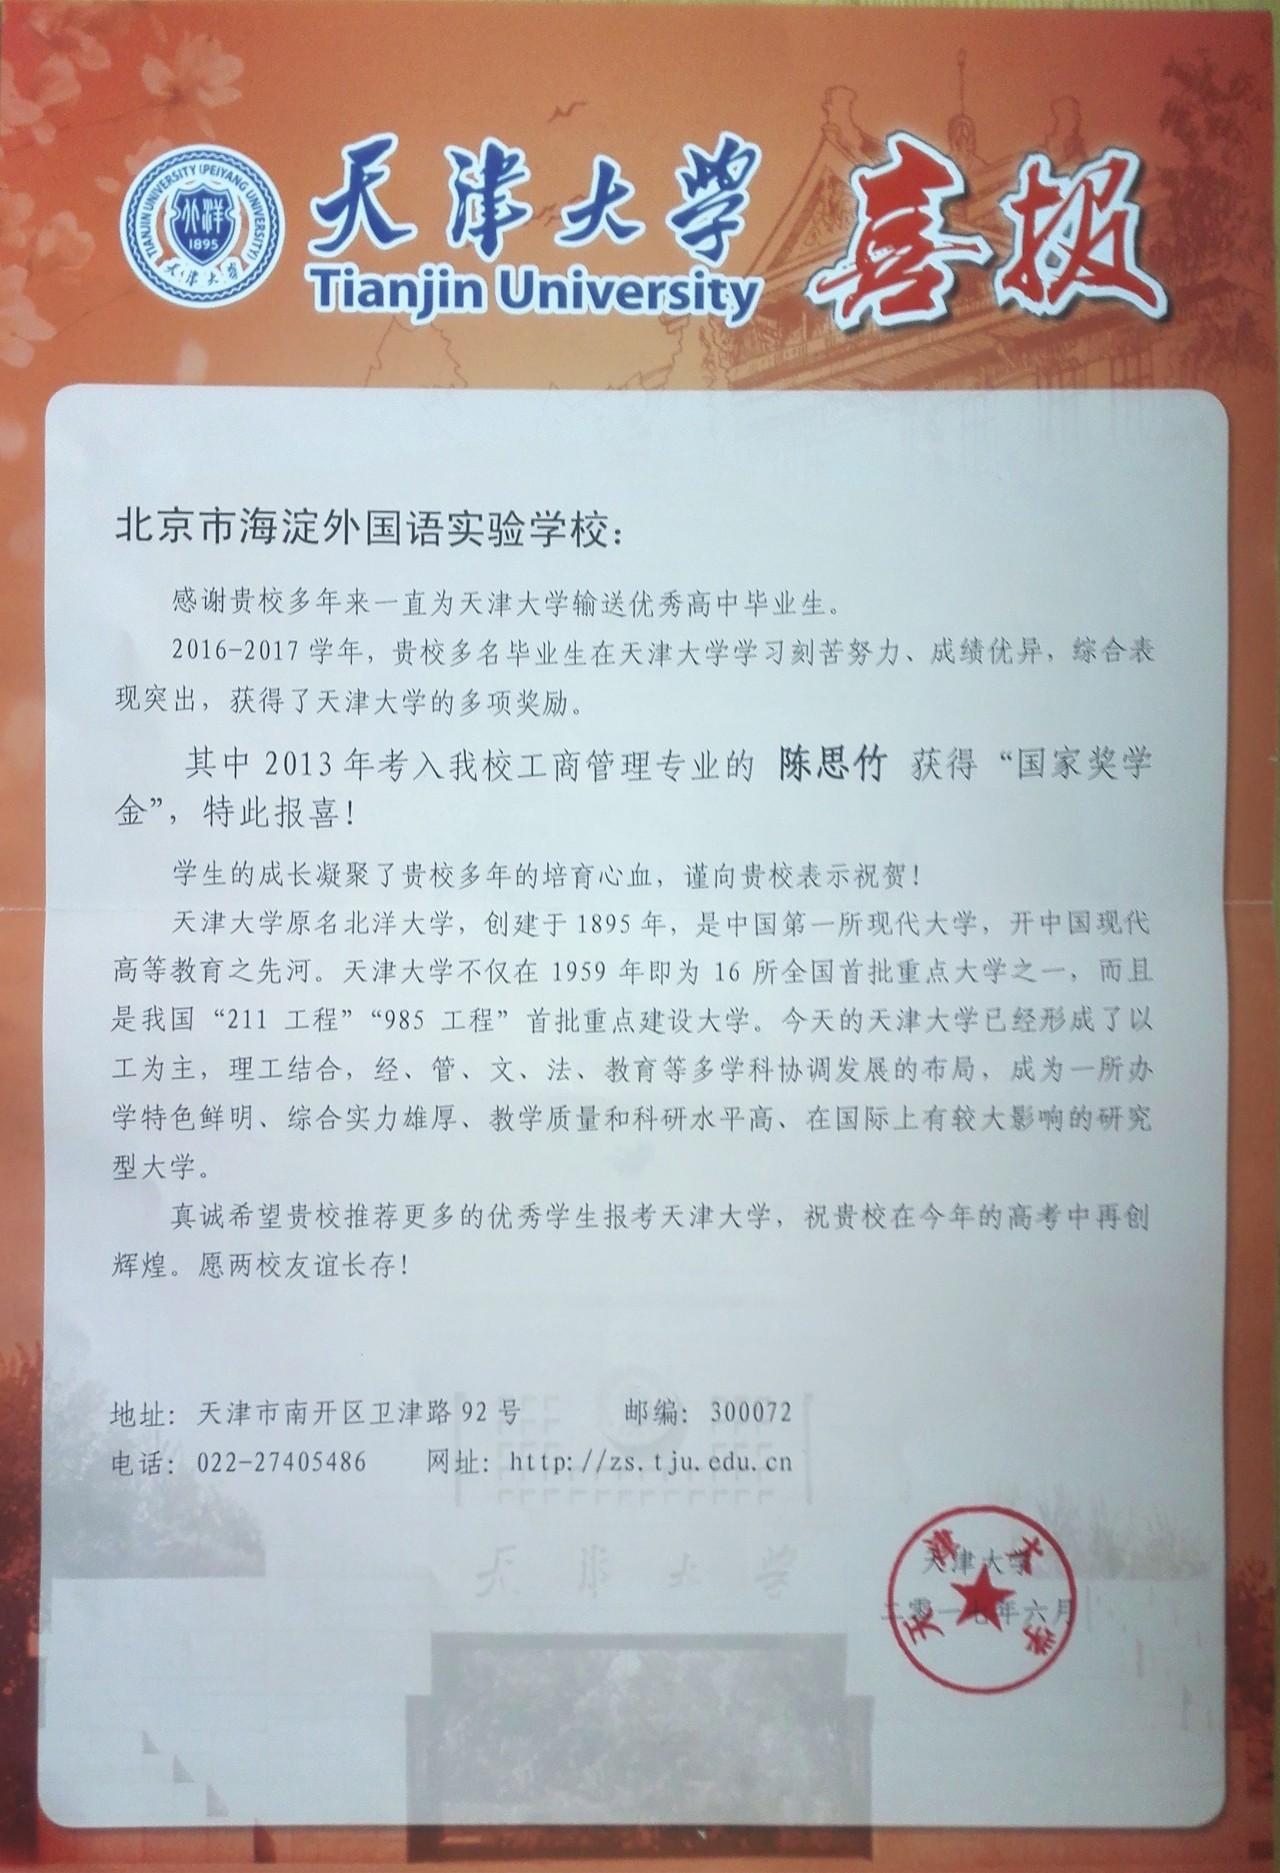 天津大学喜报 海外毕业生陈思竹荣获 国家奖学金